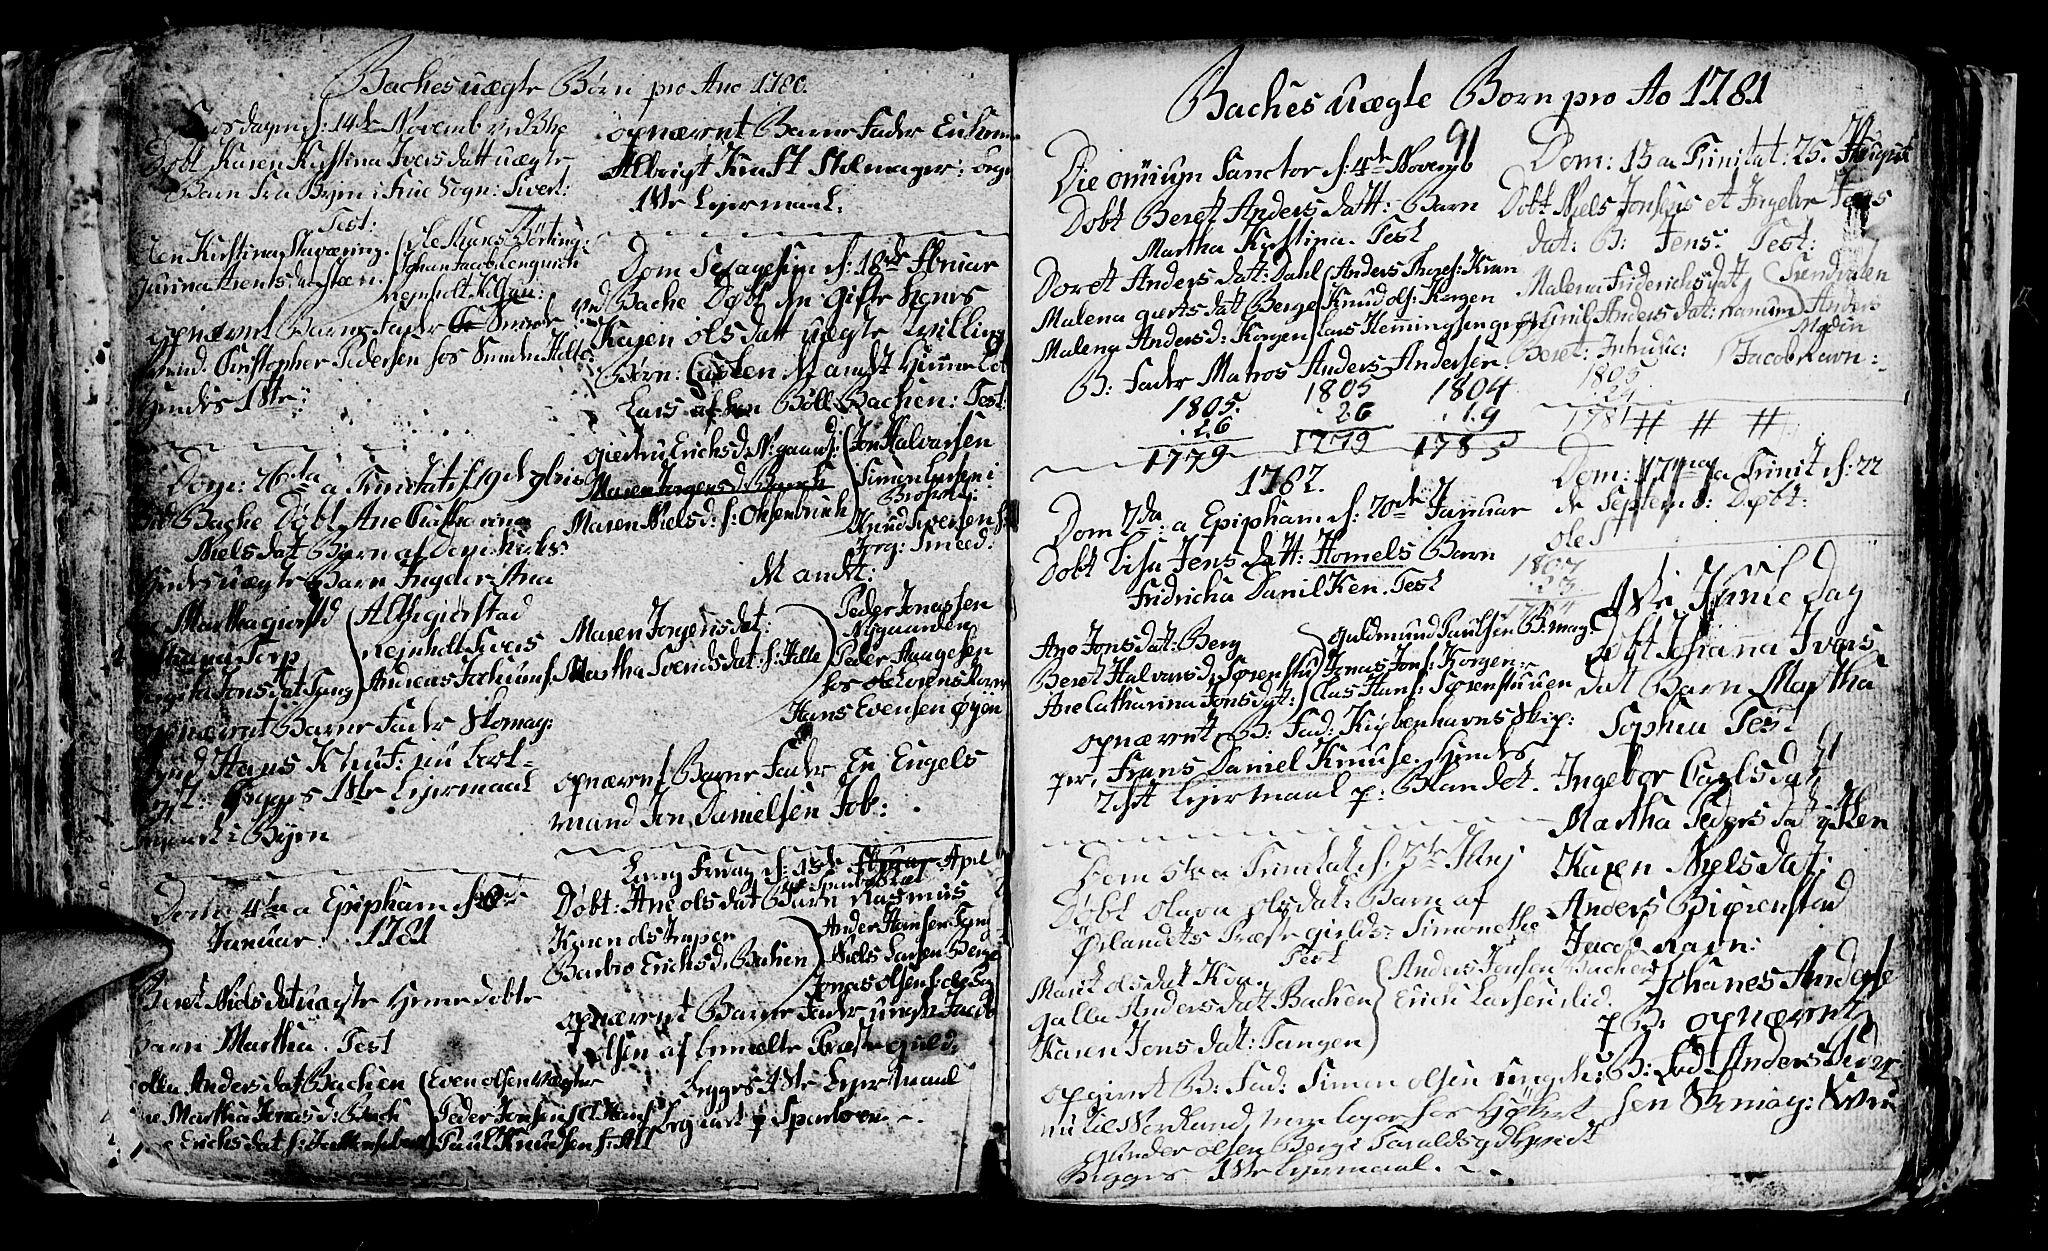 SAT, Ministerialprotokoller, klokkerbøker og fødselsregistre - Sør-Trøndelag, 604/L0218: Klokkerbok nr. 604C01, 1754-1819, s. 91